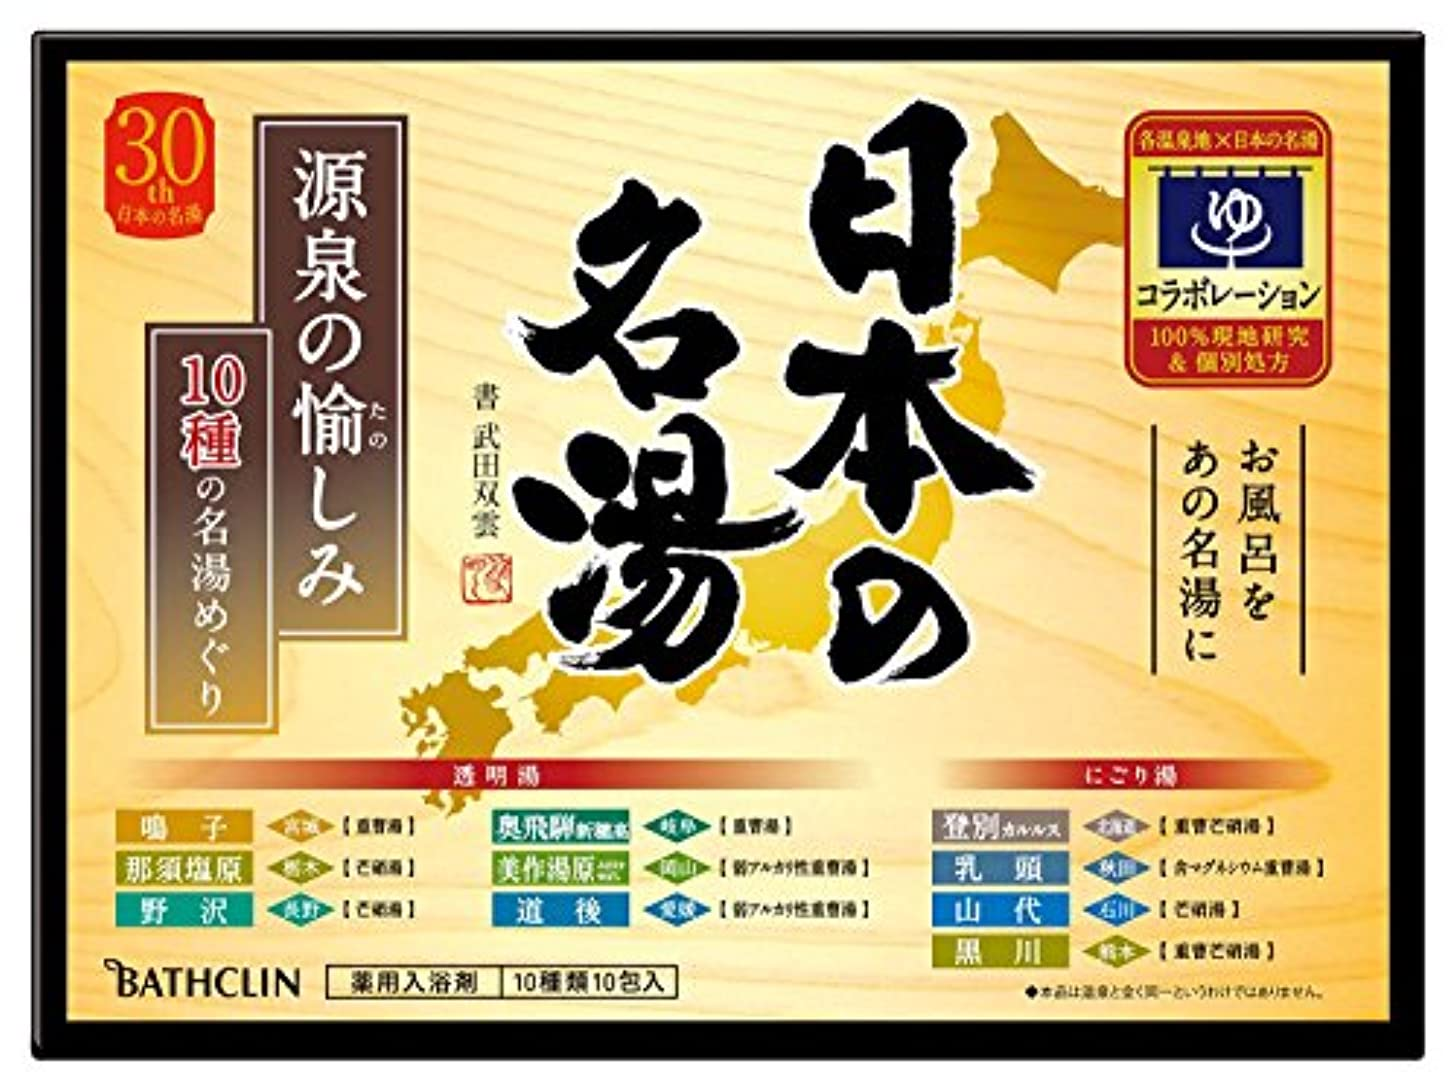 不健全サーバントトピック日本の名湯 源泉の愉しみ 30g 10包入り 入浴剤 (医薬部外品)